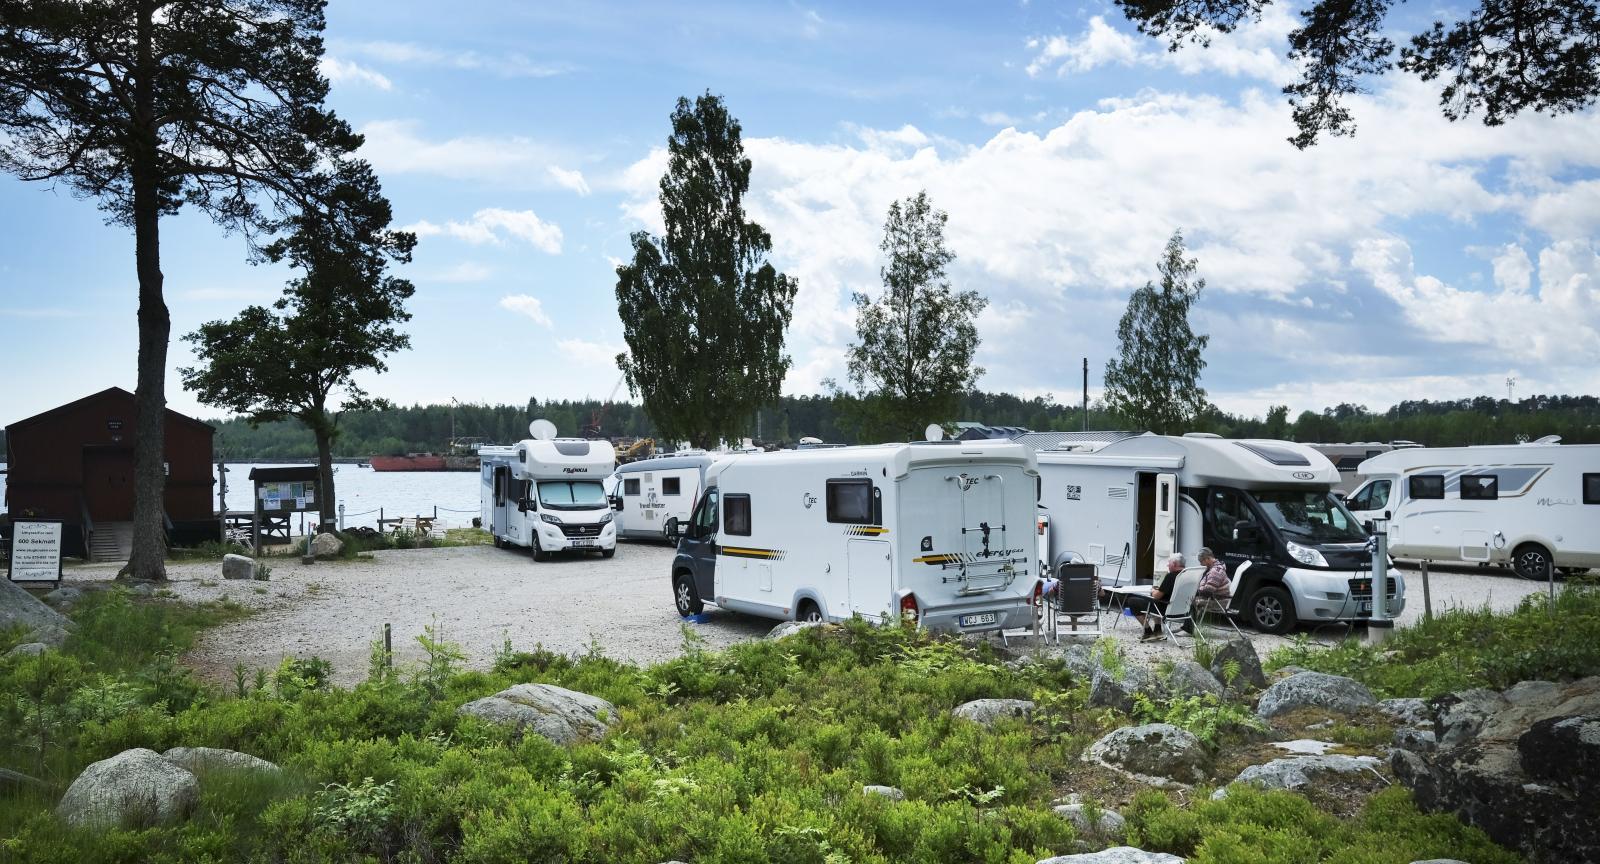 Ställplats i Stocka gästhamn utefter Norrlandskusten.